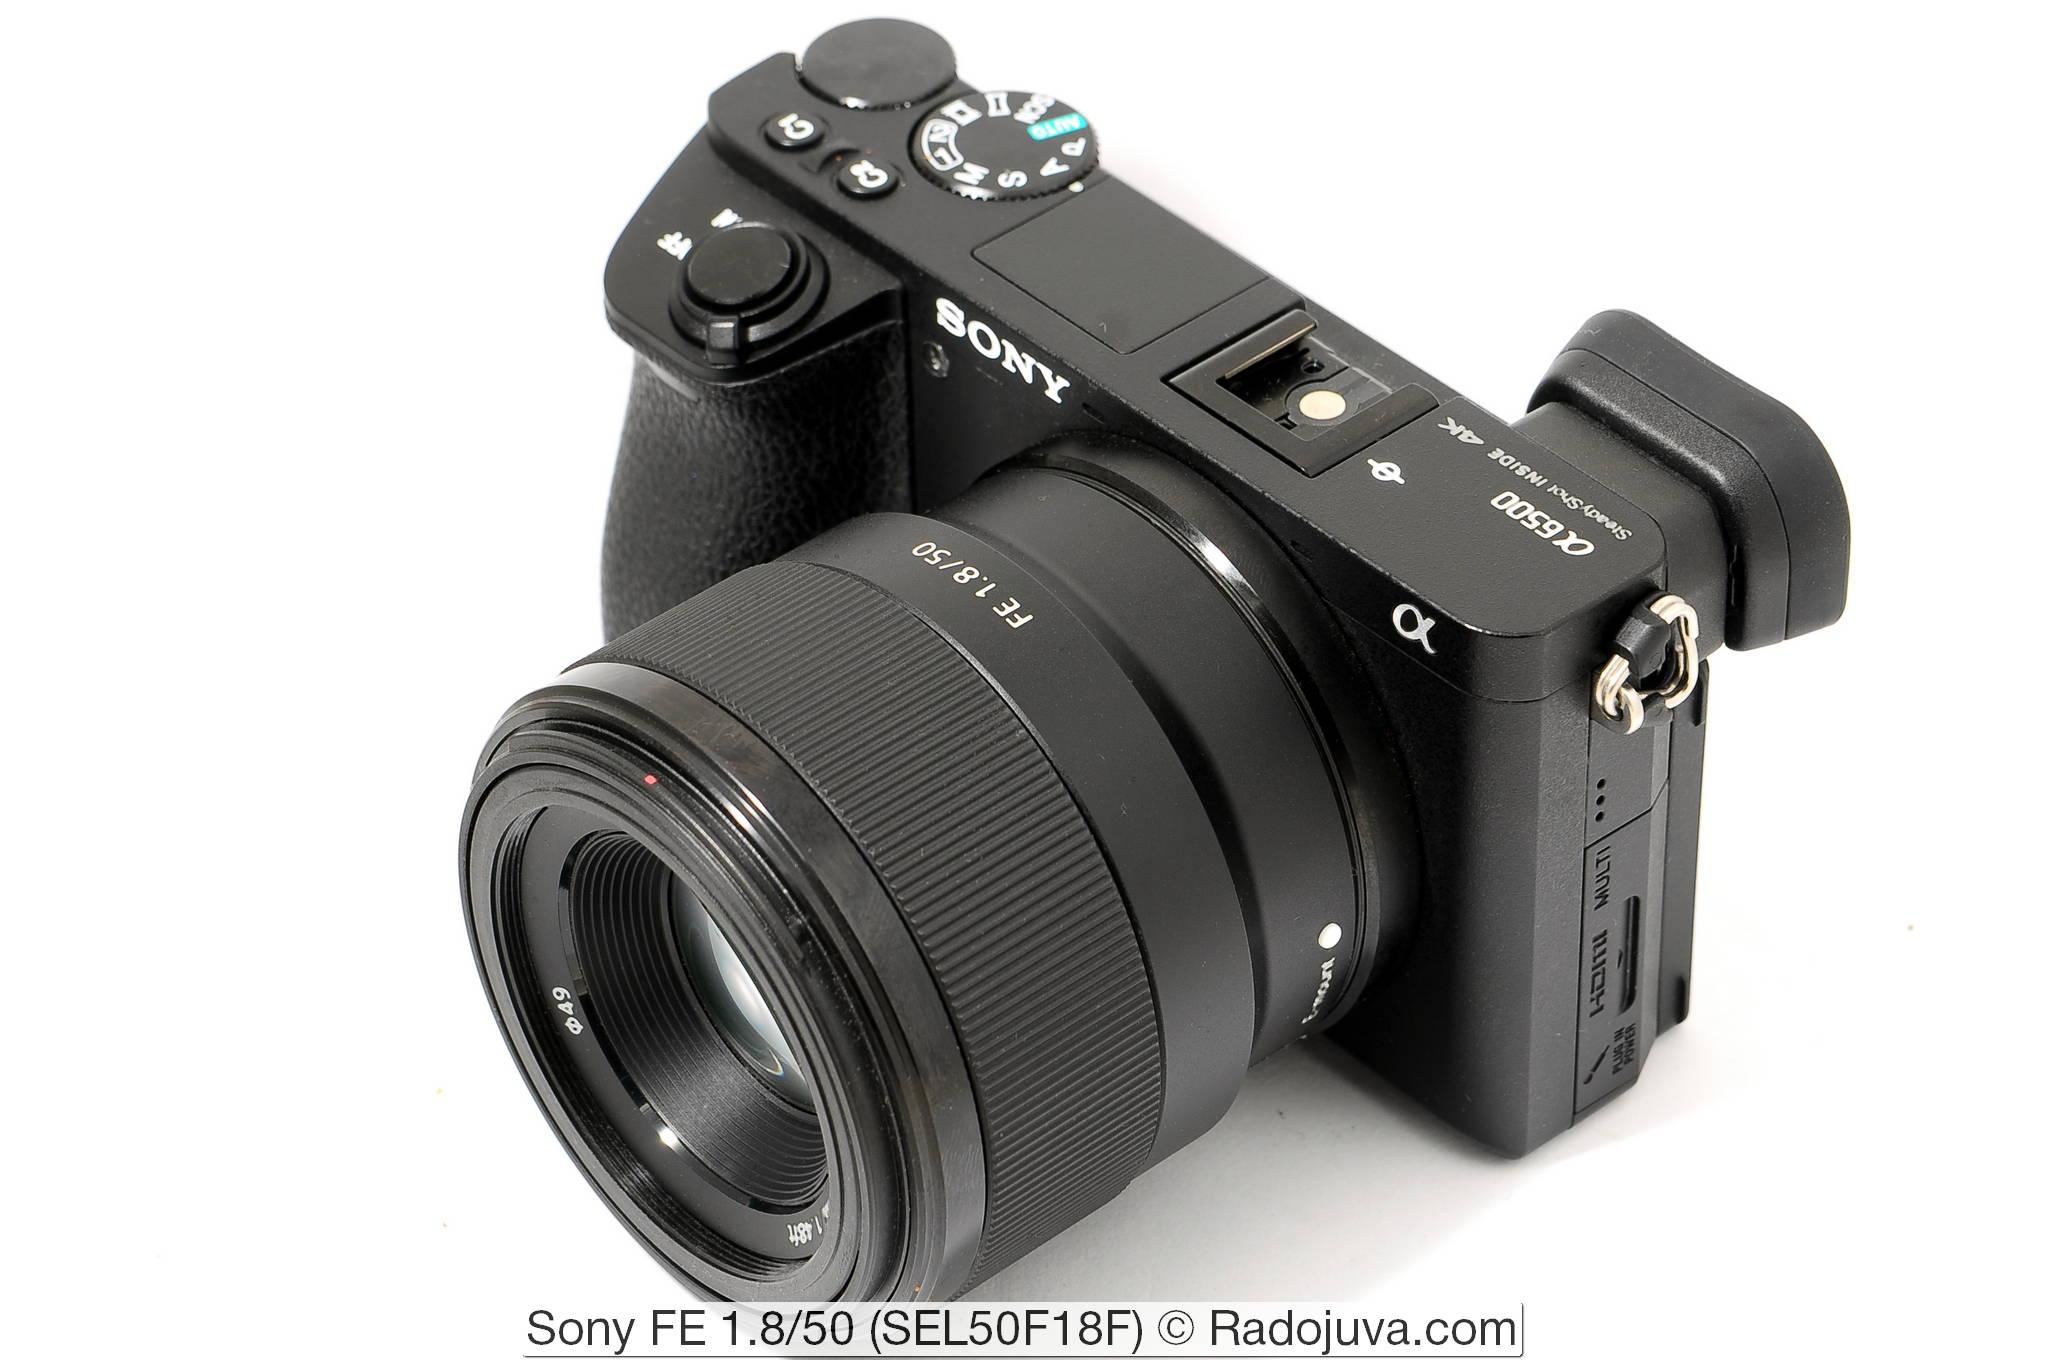 Sony FE 1.8/50 (SEL50F18F)